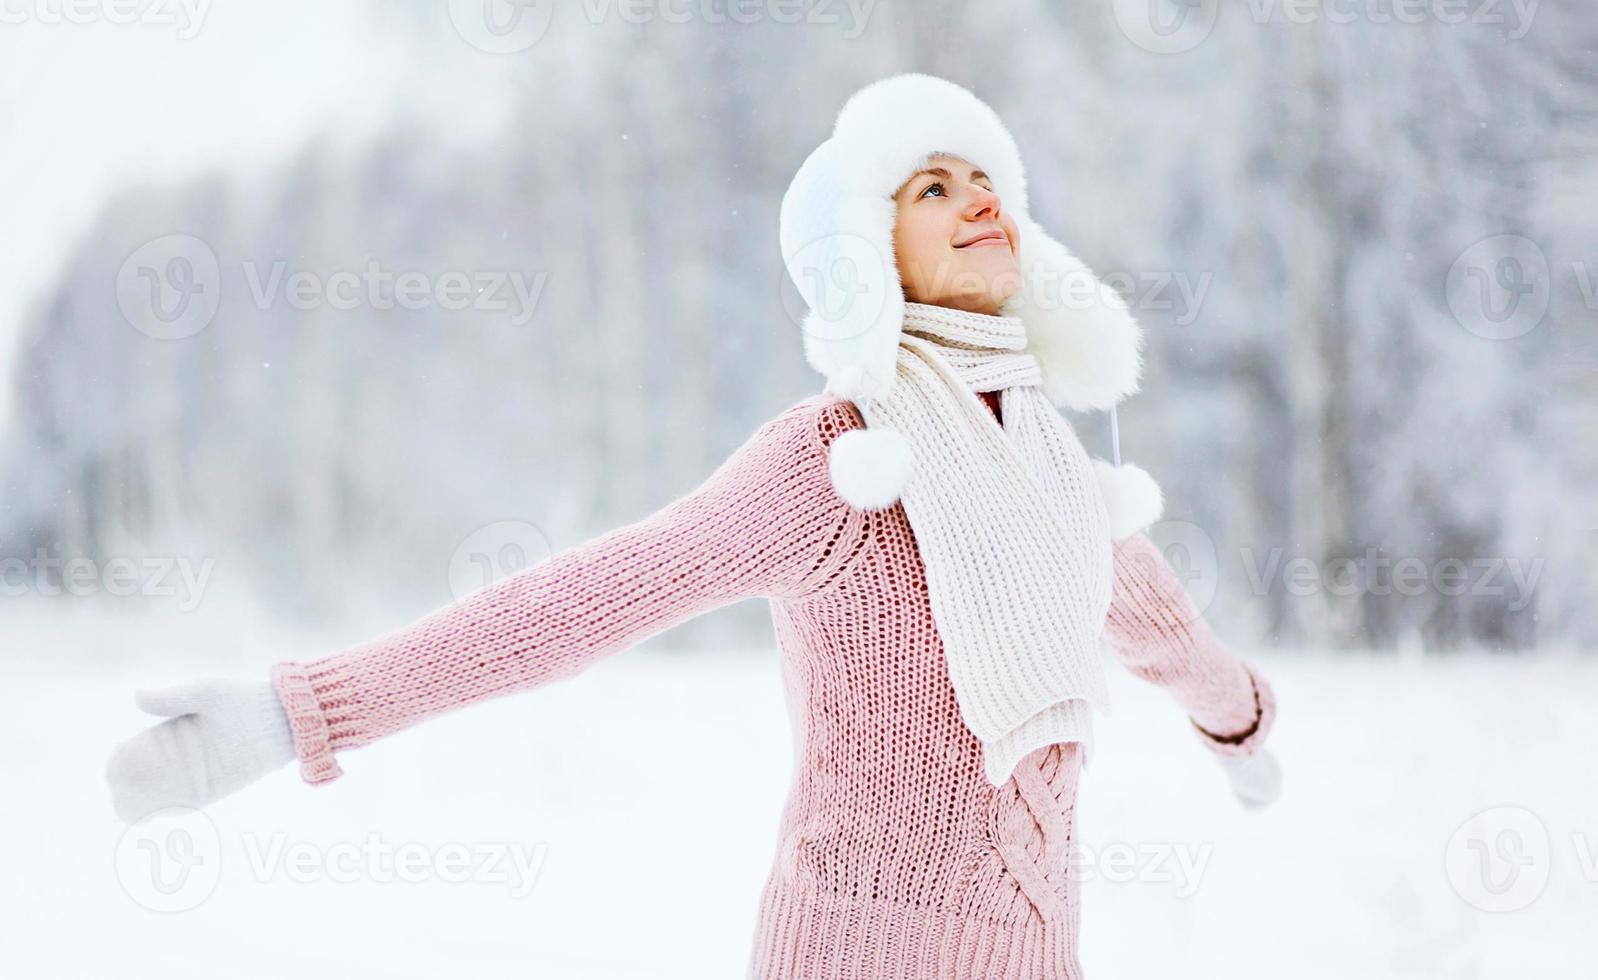 mulher feliz, aproveitando o clima de inverno nevado na floresta foto